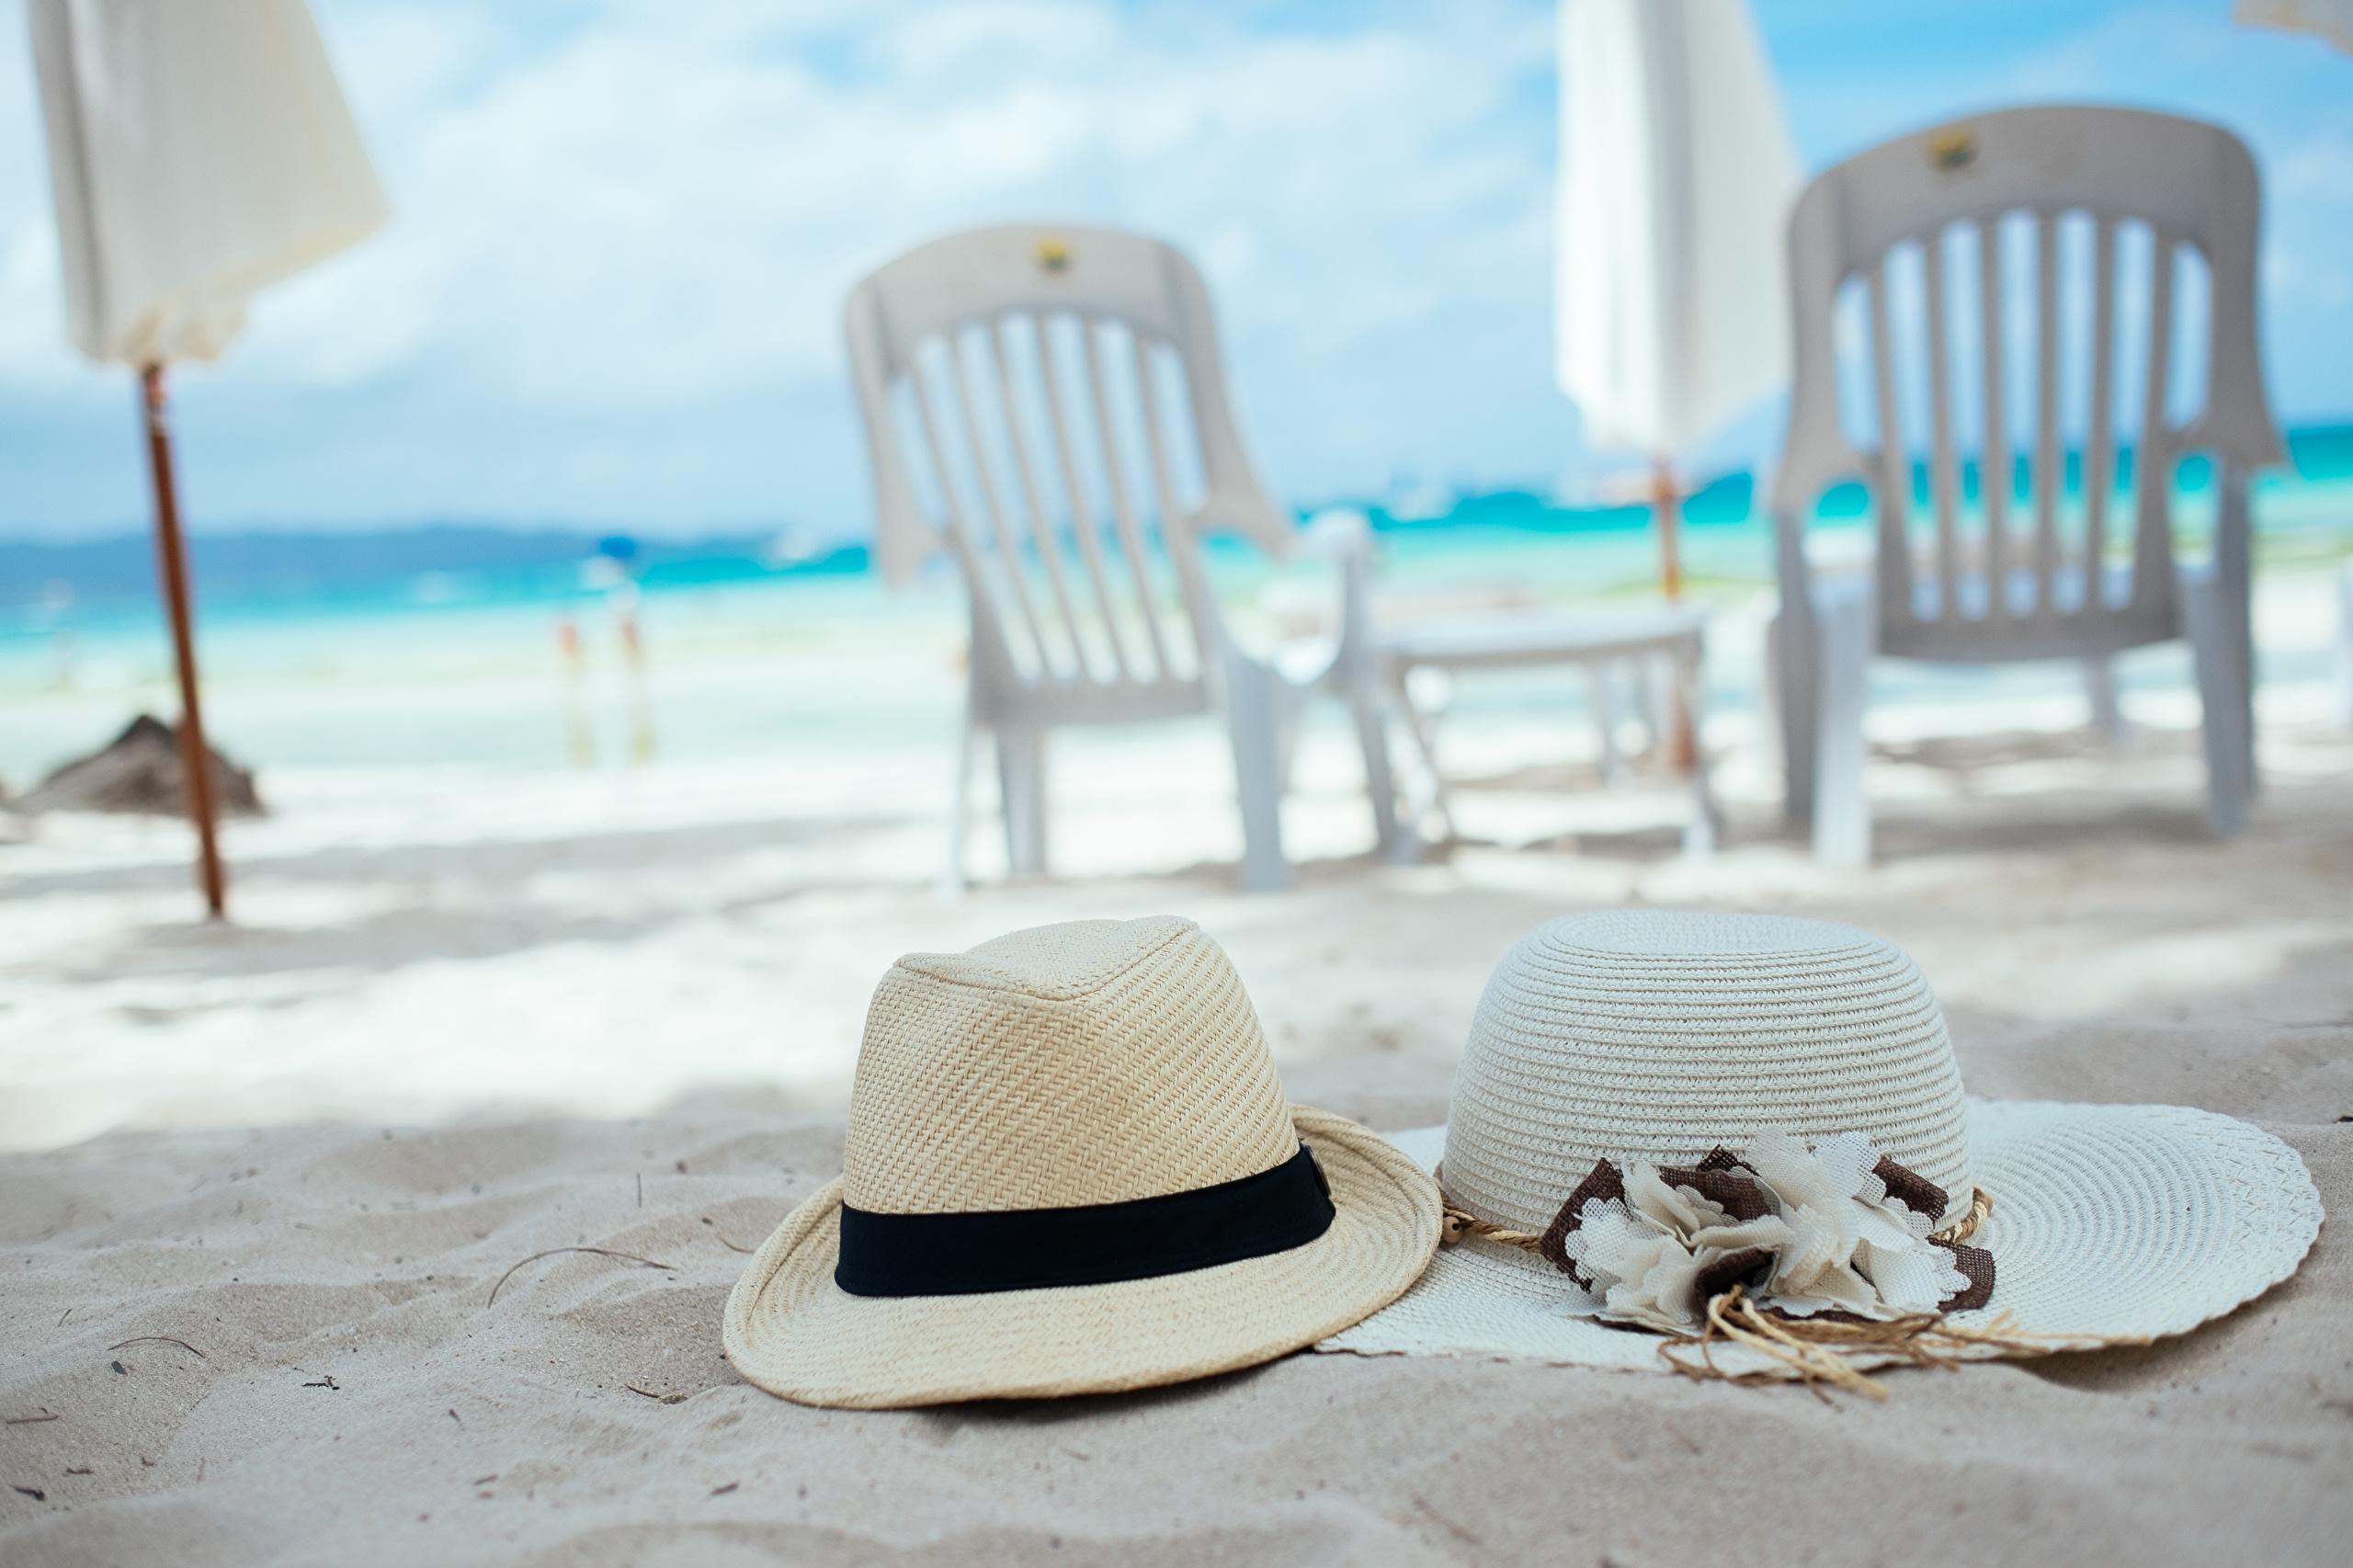 Beach_Hat_Chairs_Sand_478590.jpg